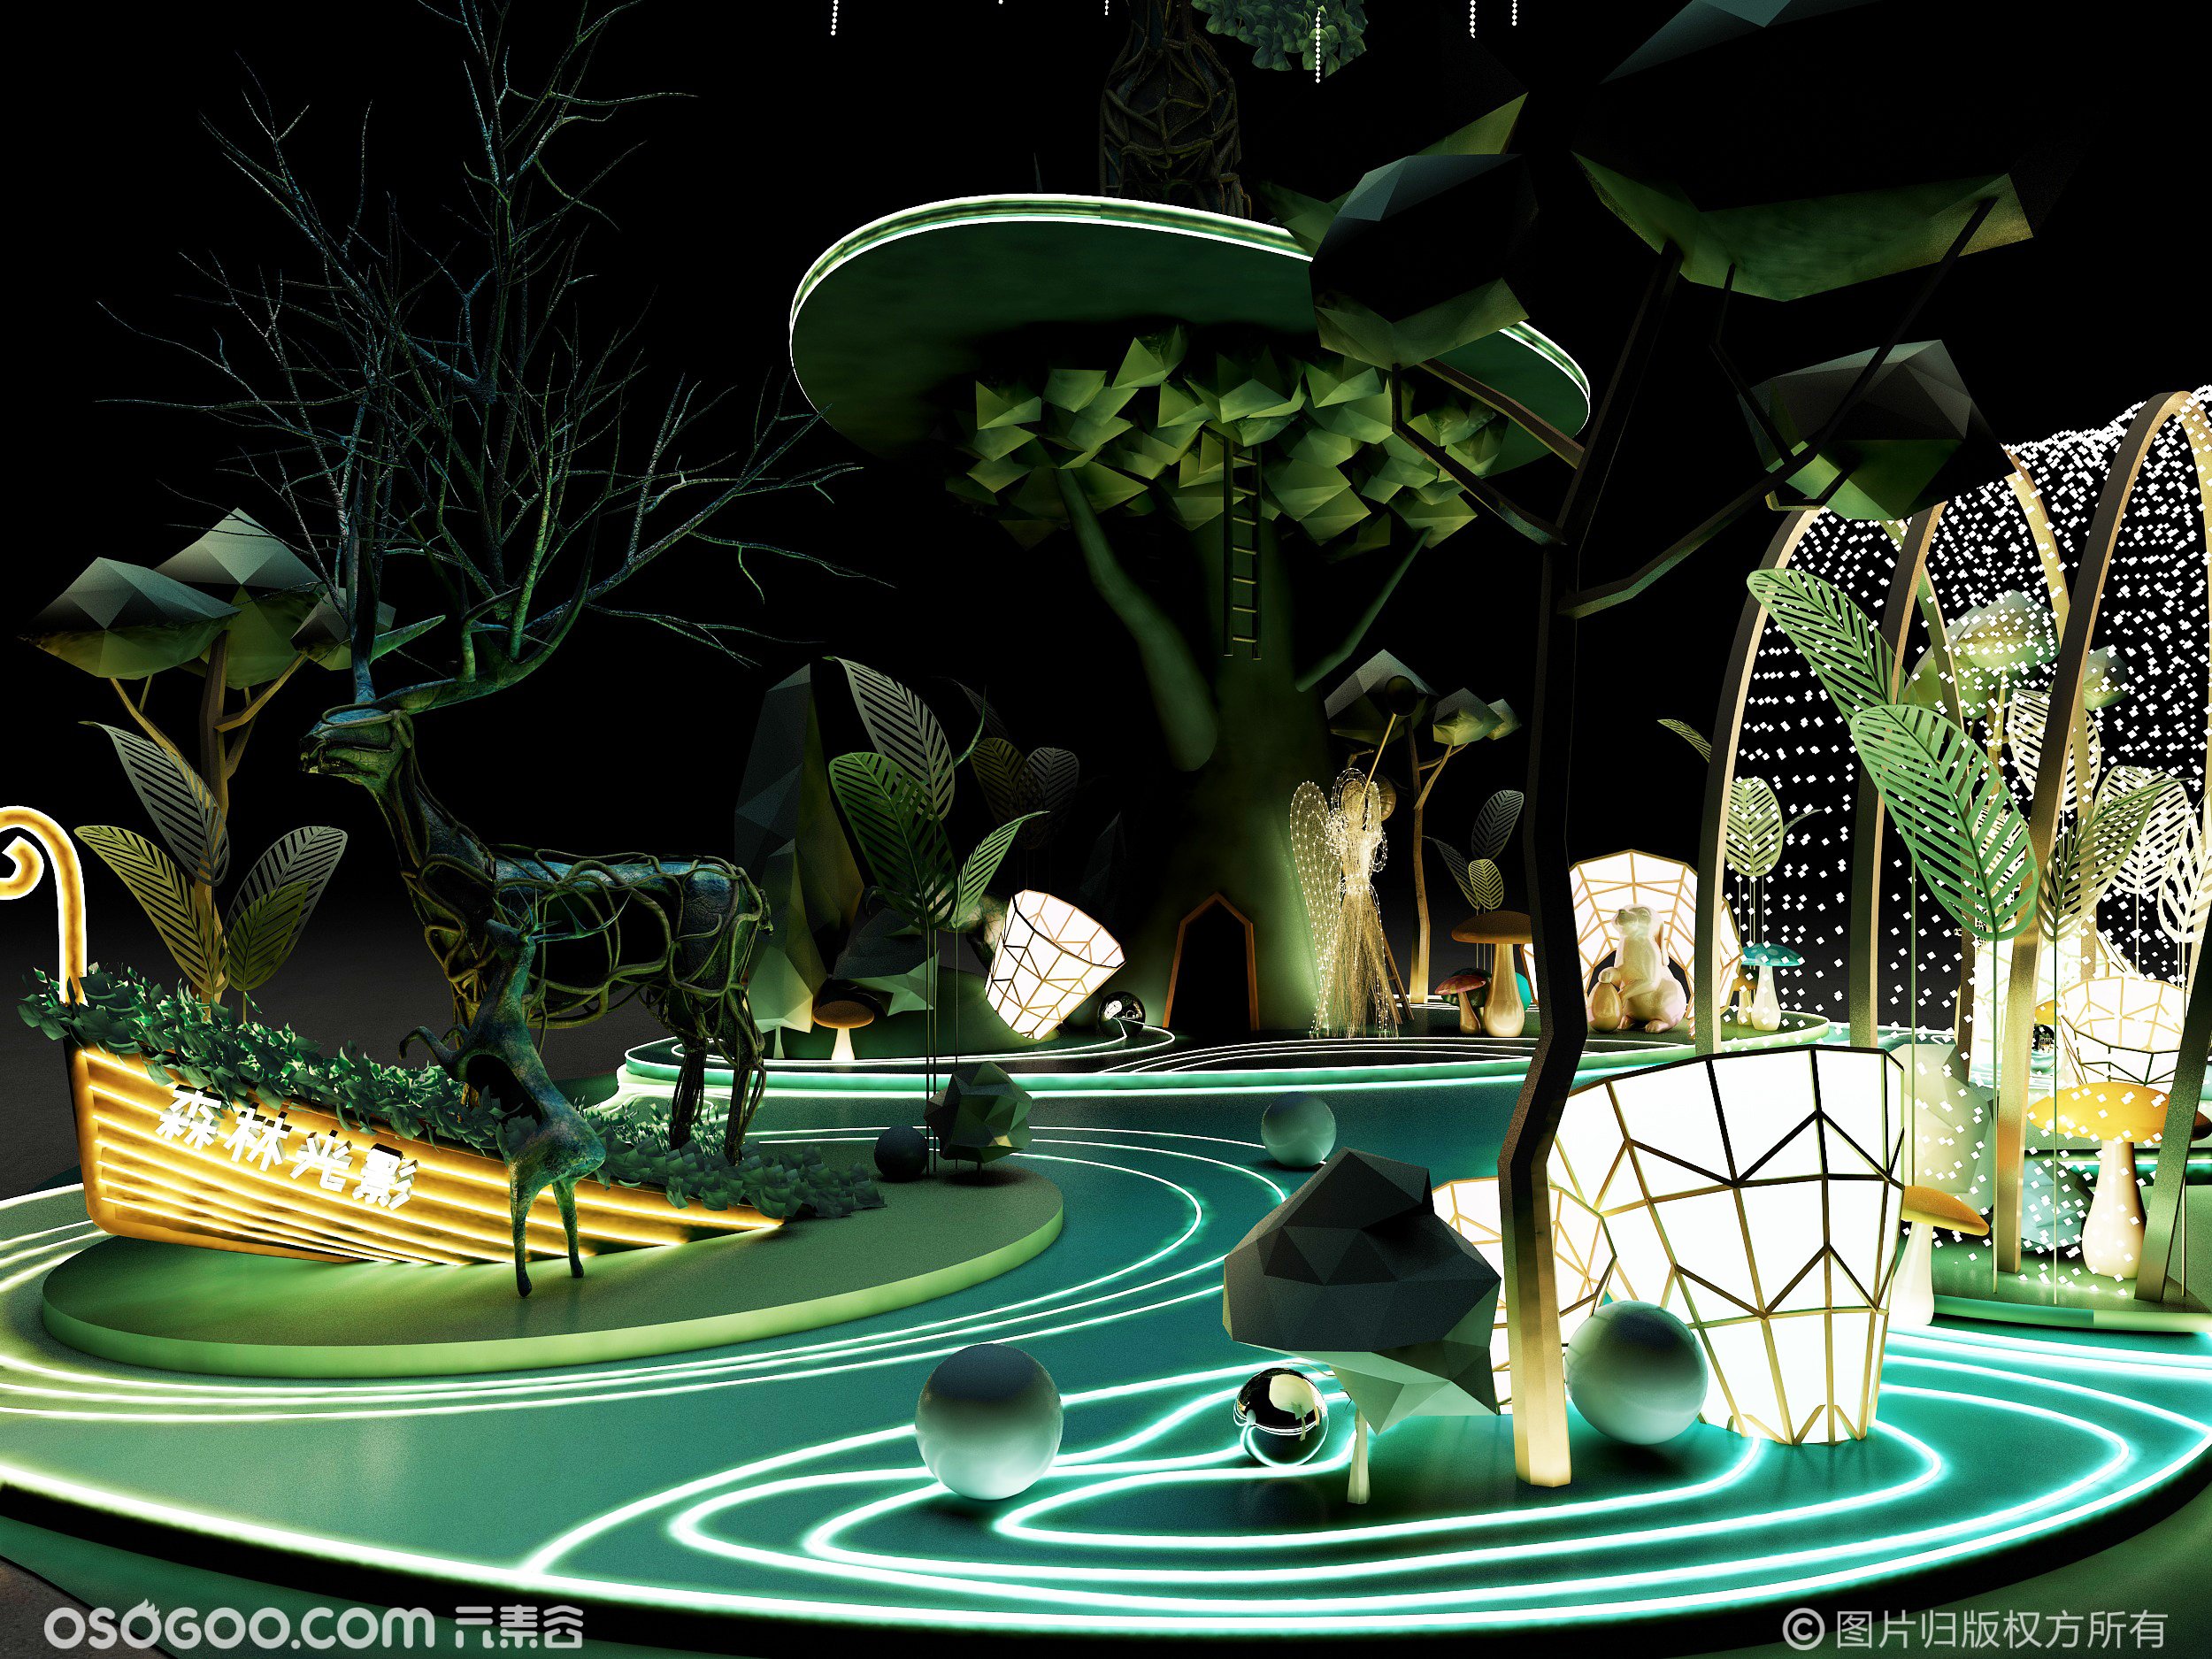 梦话森林打卡点     主题:梦幻森林